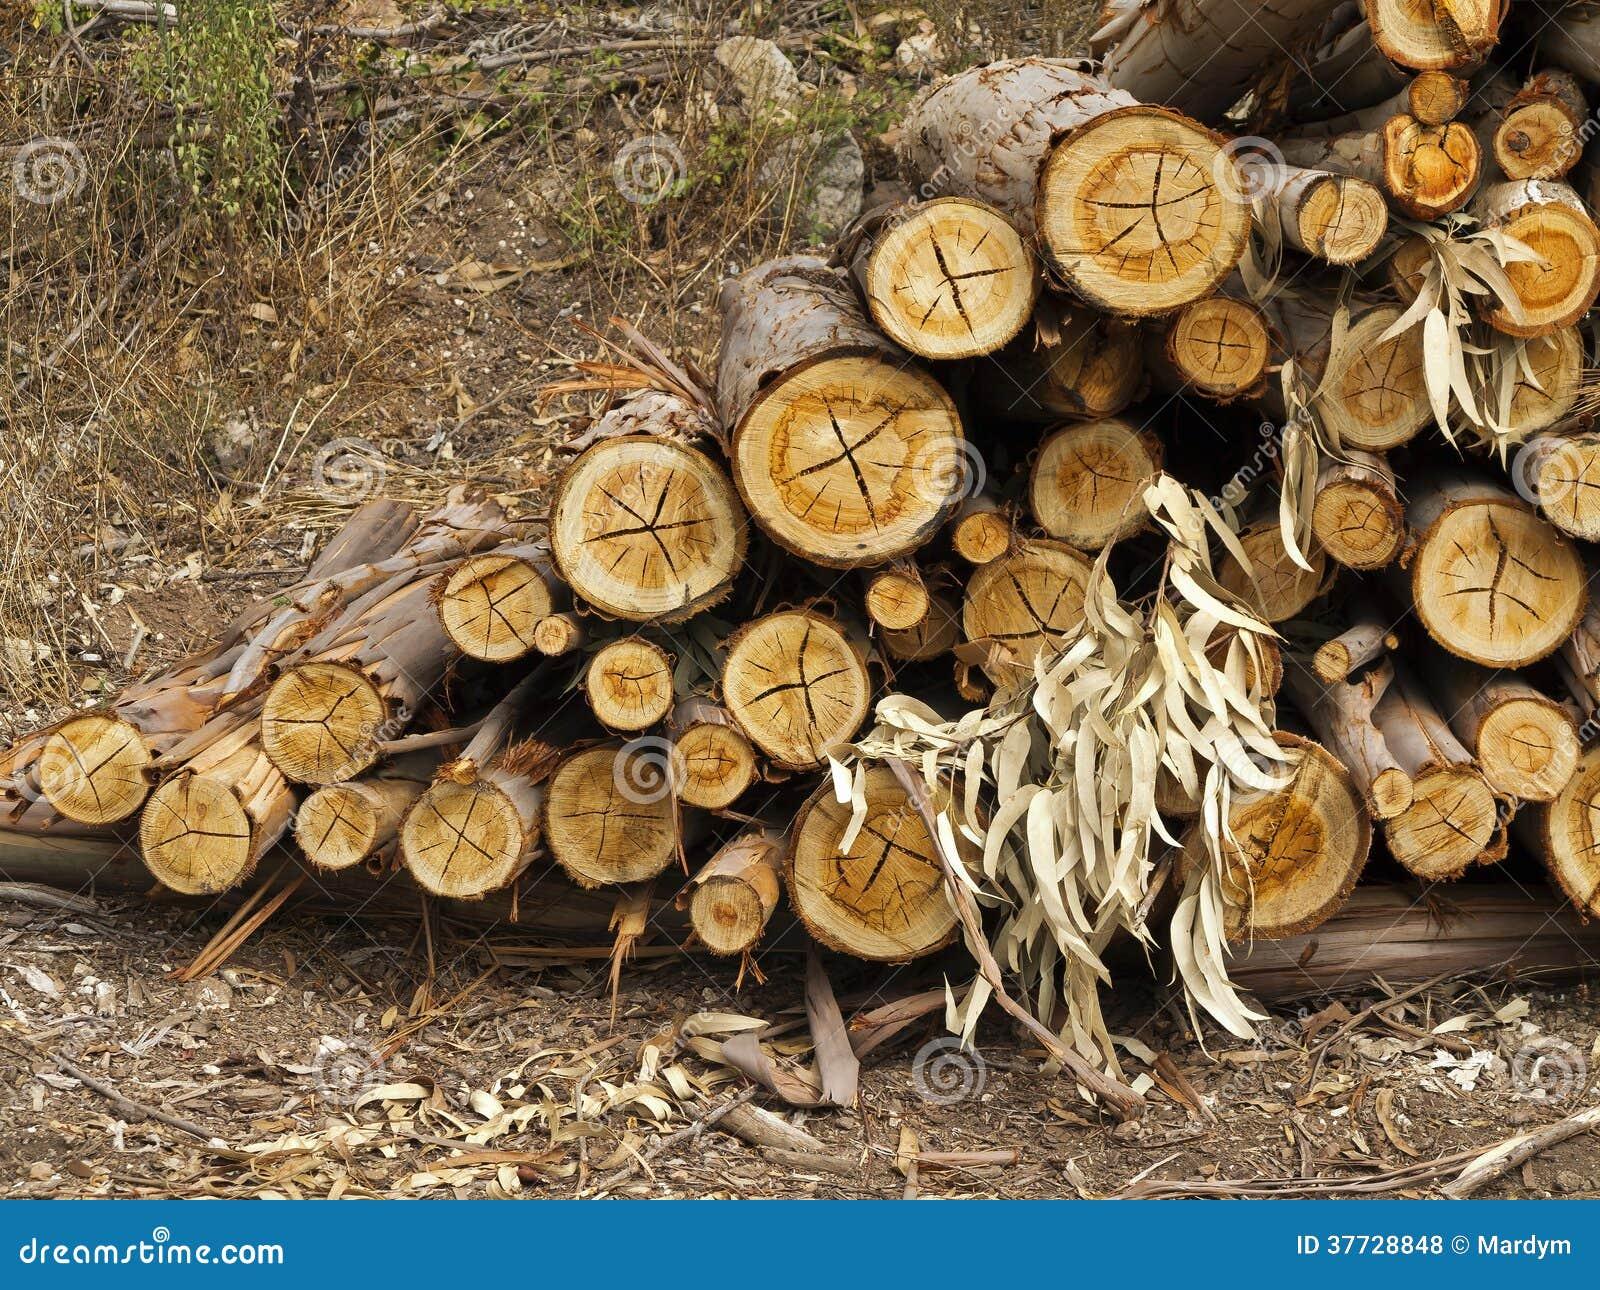 Comment traiter du bois deucalyptus ? La réponse est sur